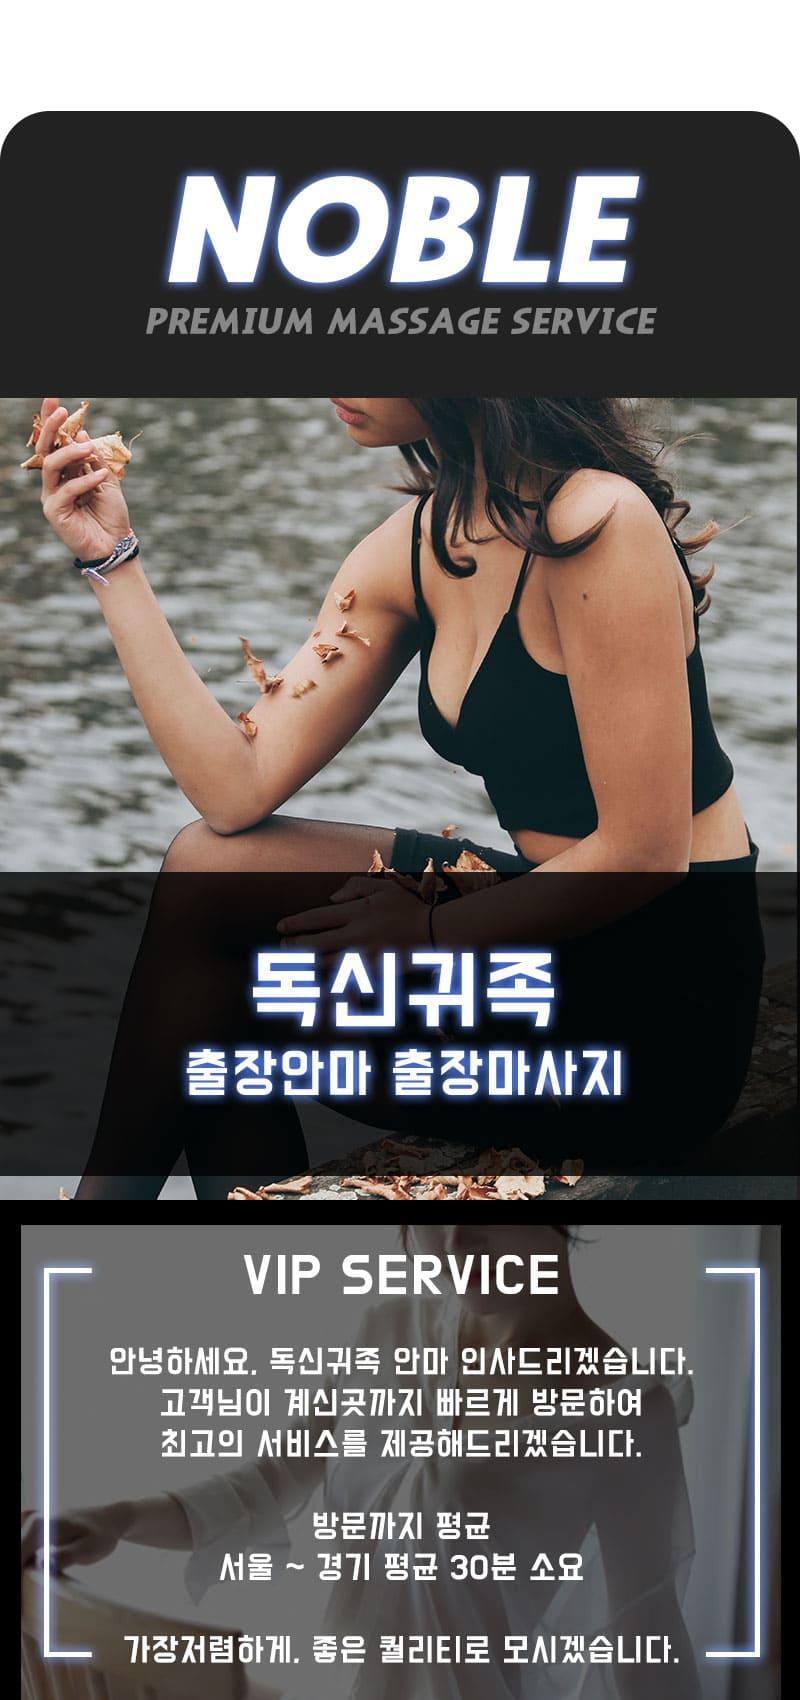 백석동출장안마 소개